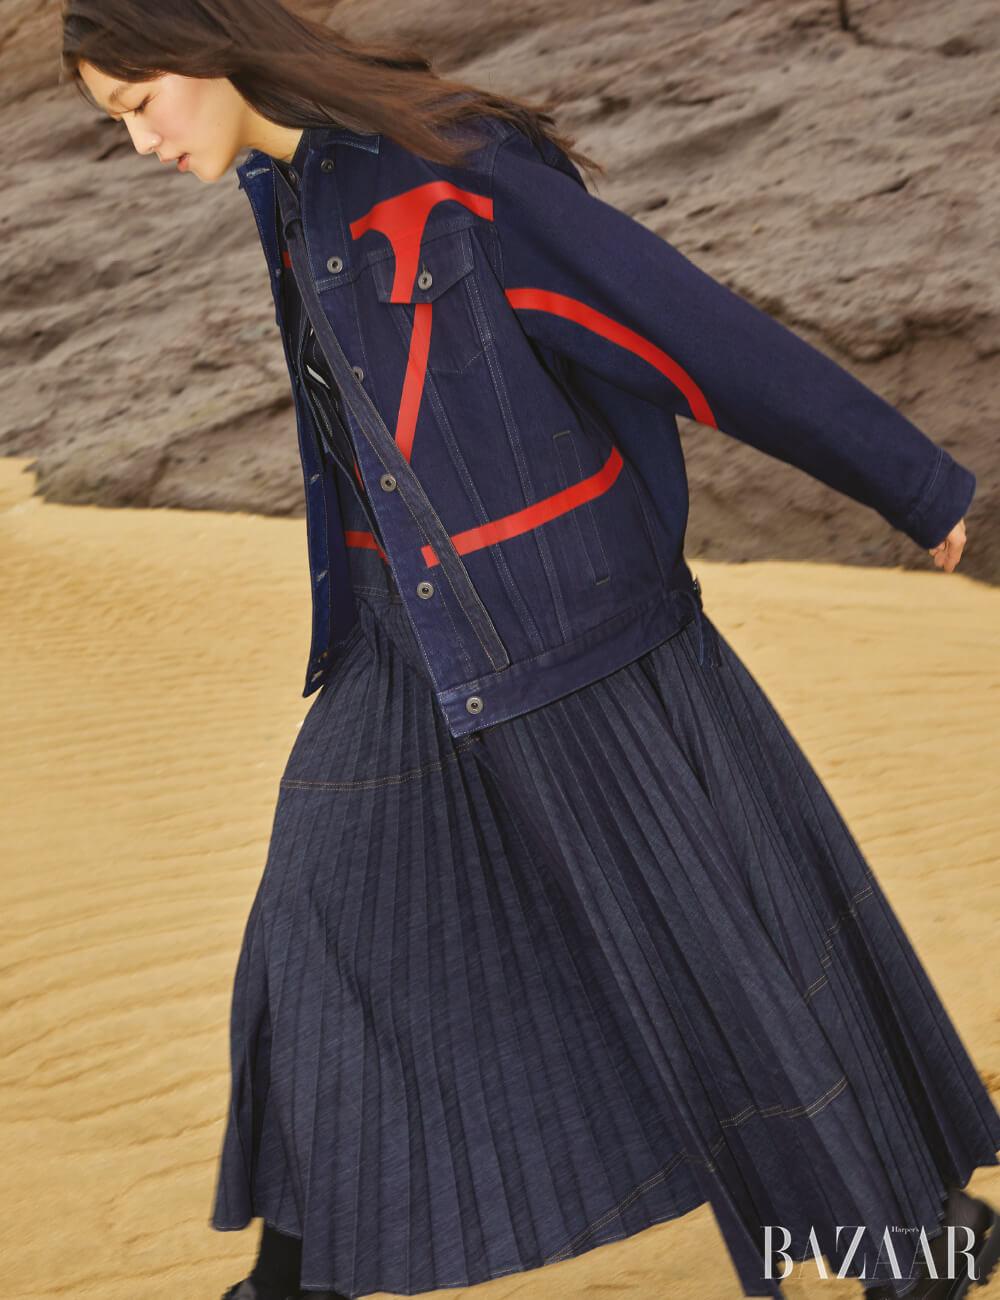 데님 재킷, 드레스는 모두 Valentino, 양말, 슈즈는 모두Valentino Garavani.